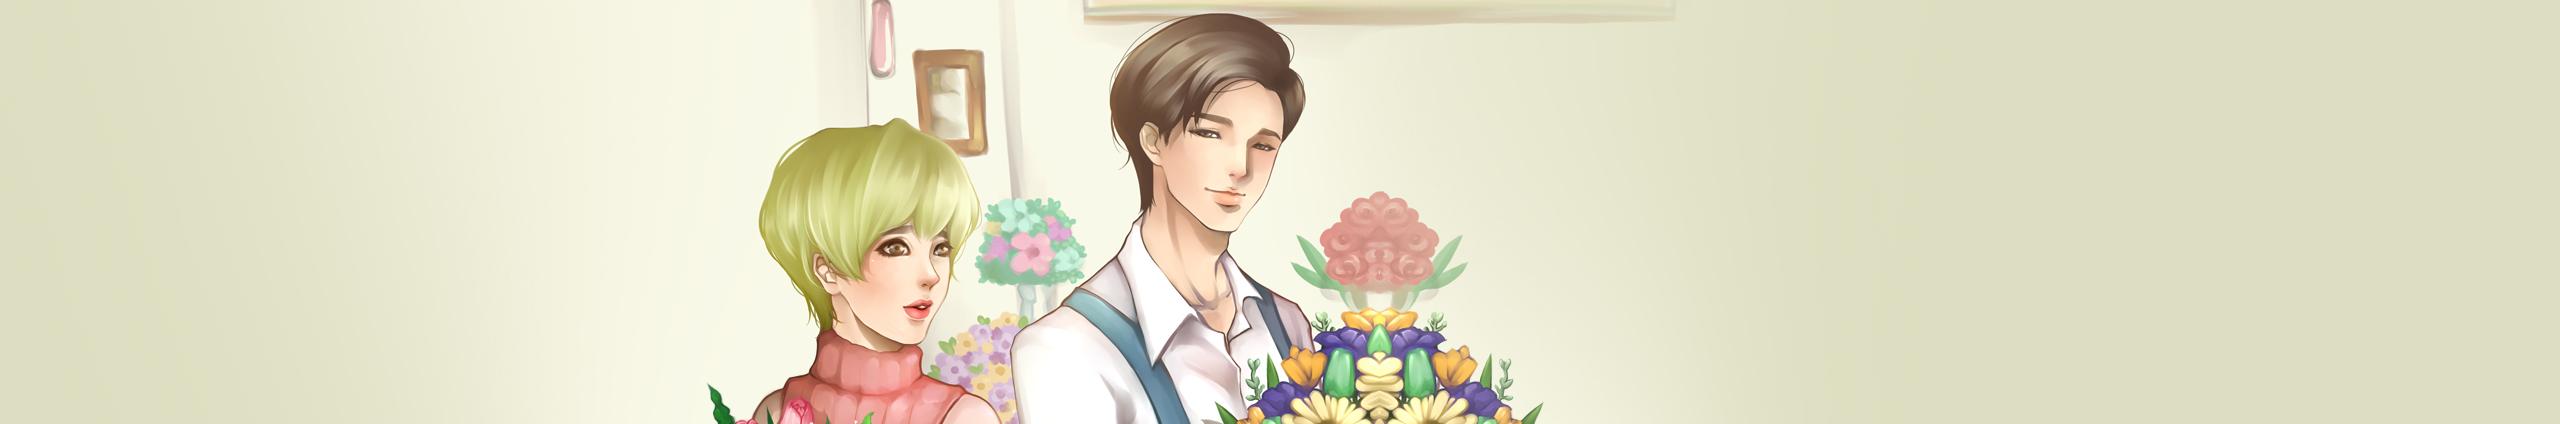 Flowers of Love สาวดอกไม้กับนายก้อนหิน